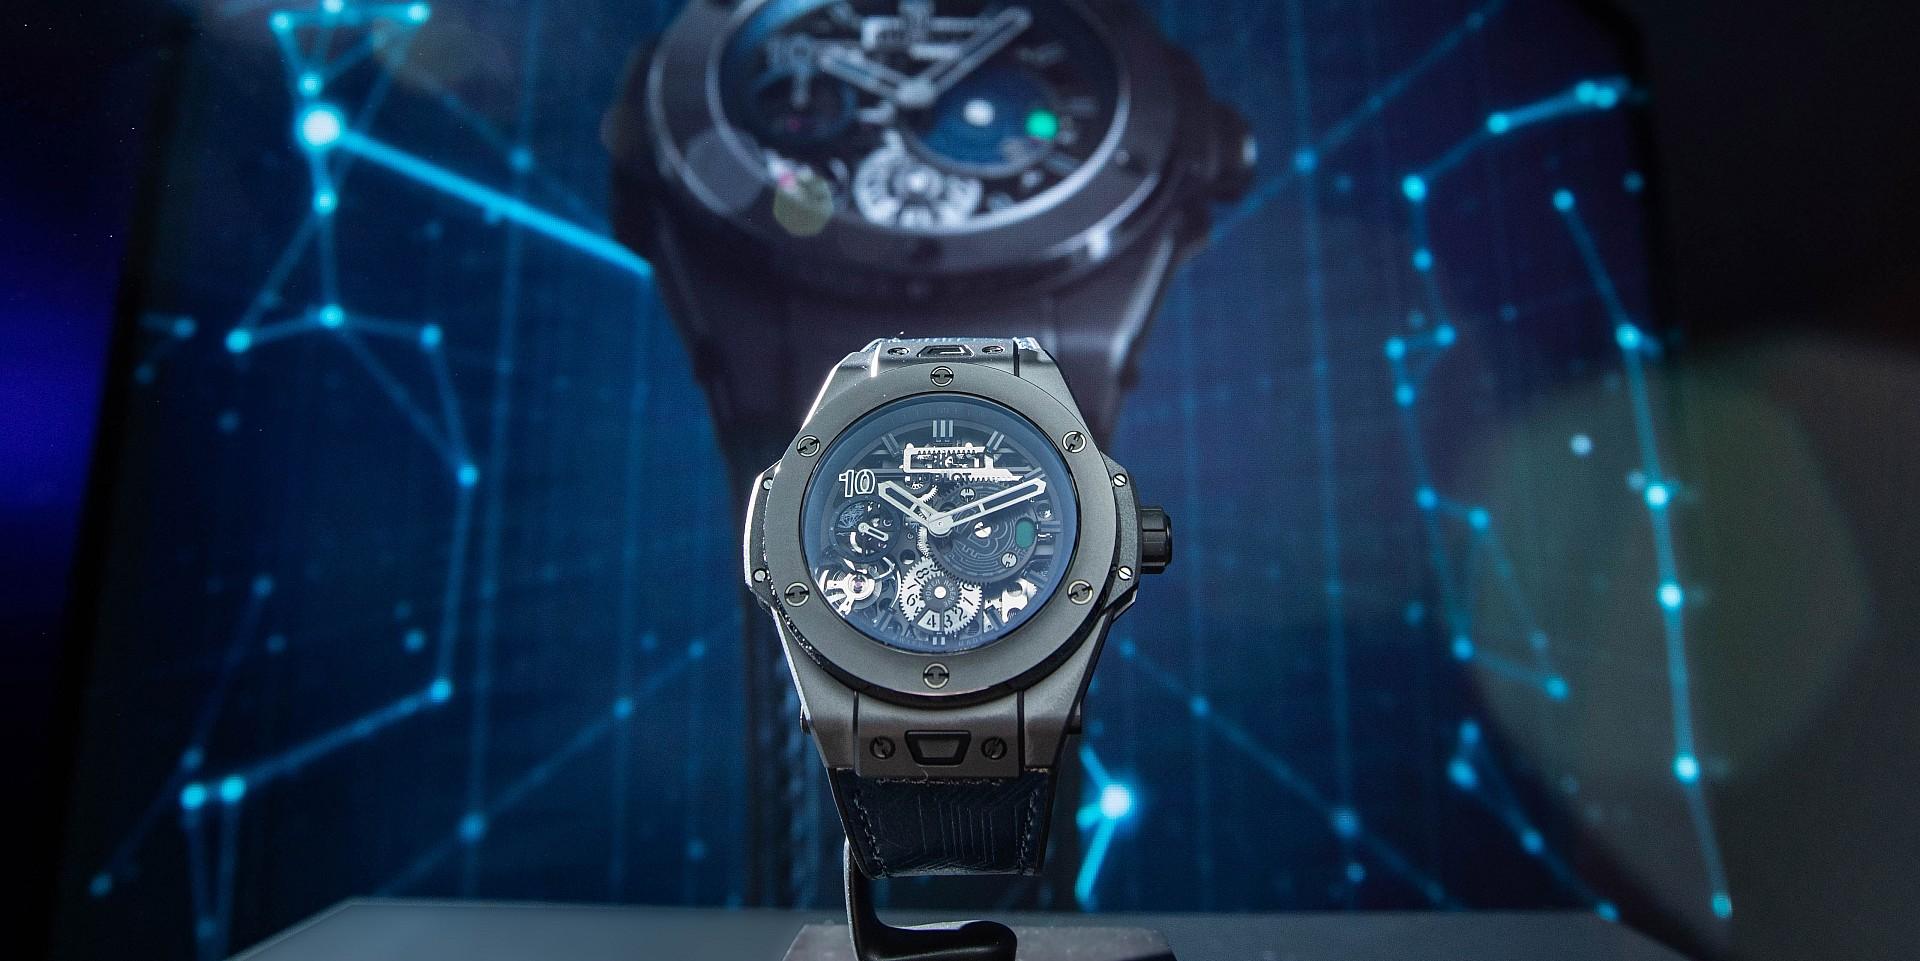 宇舶錶HUBLOT BIG BANG MECA-10 P2P 限量腕錶,僅限以比特幣購買